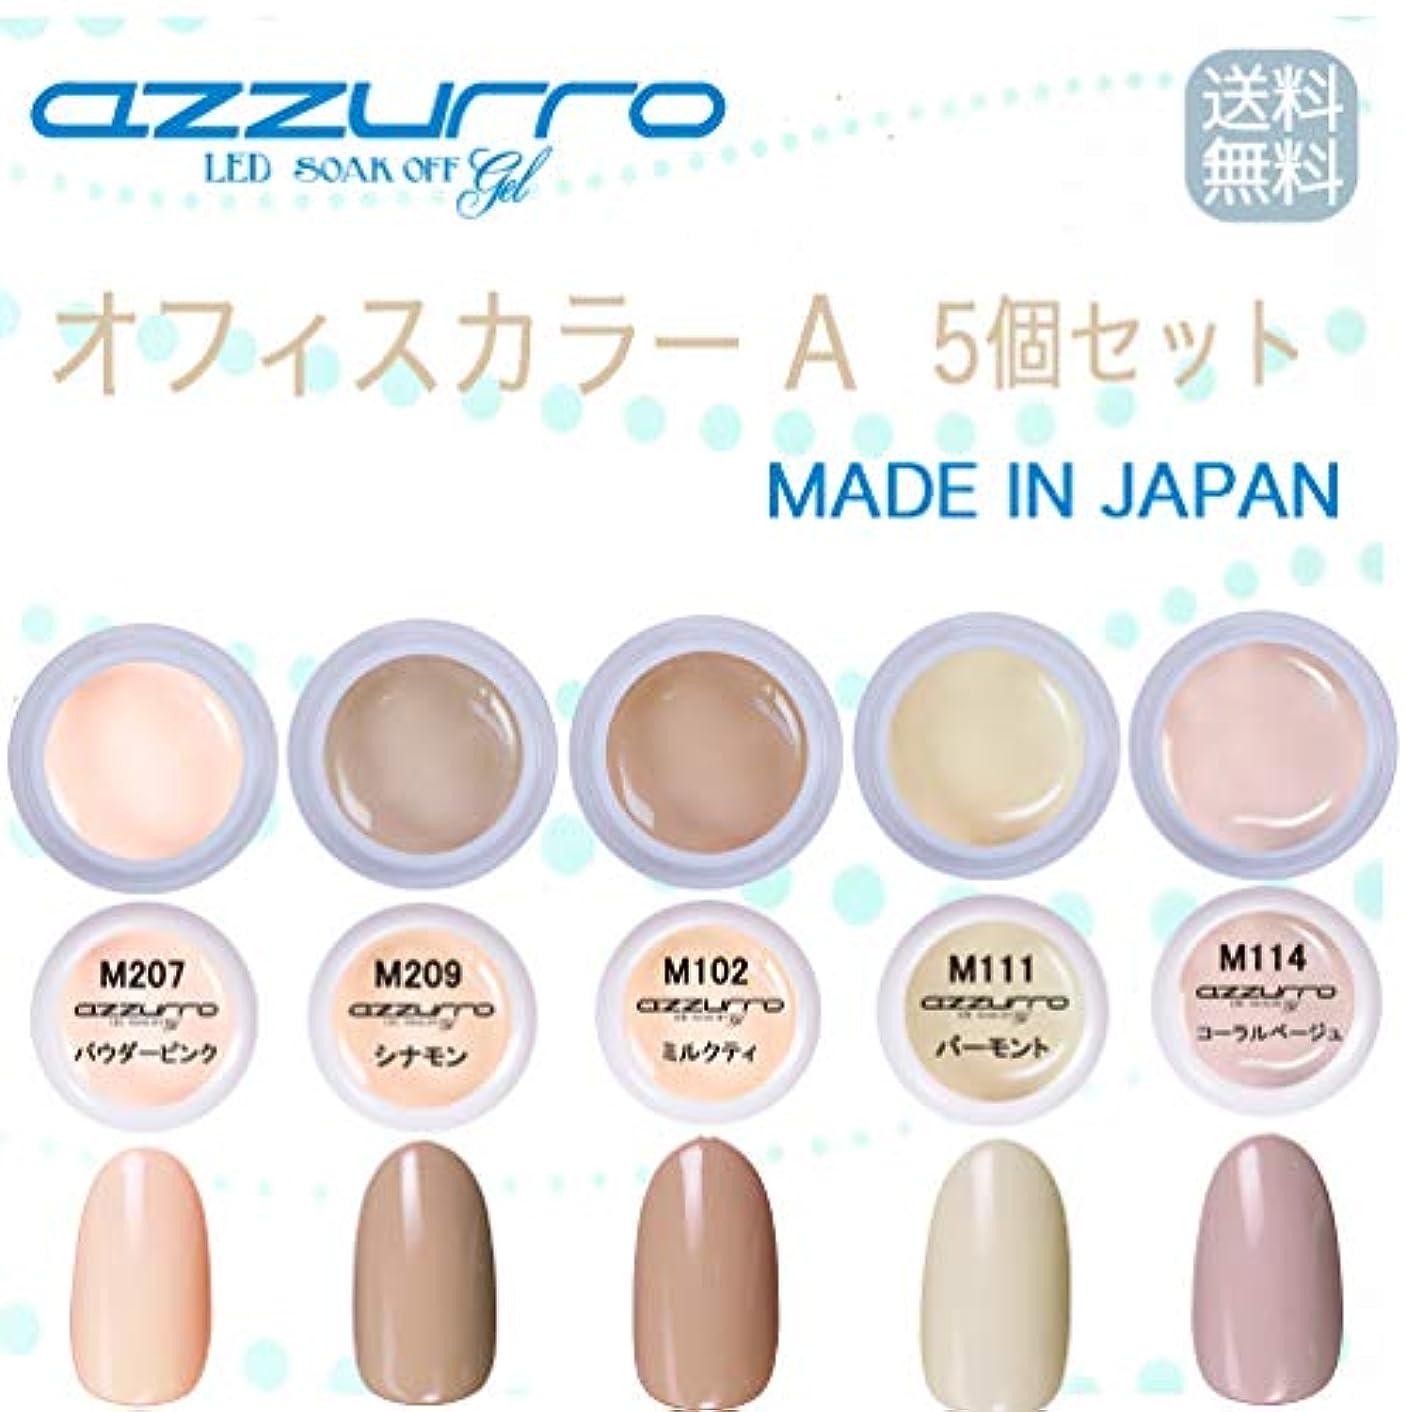 法令フィールド深さ【送料無料】日本製 azzurro gel オフィスカラージェルA5個セット オフィスでも人気のカラーをセット